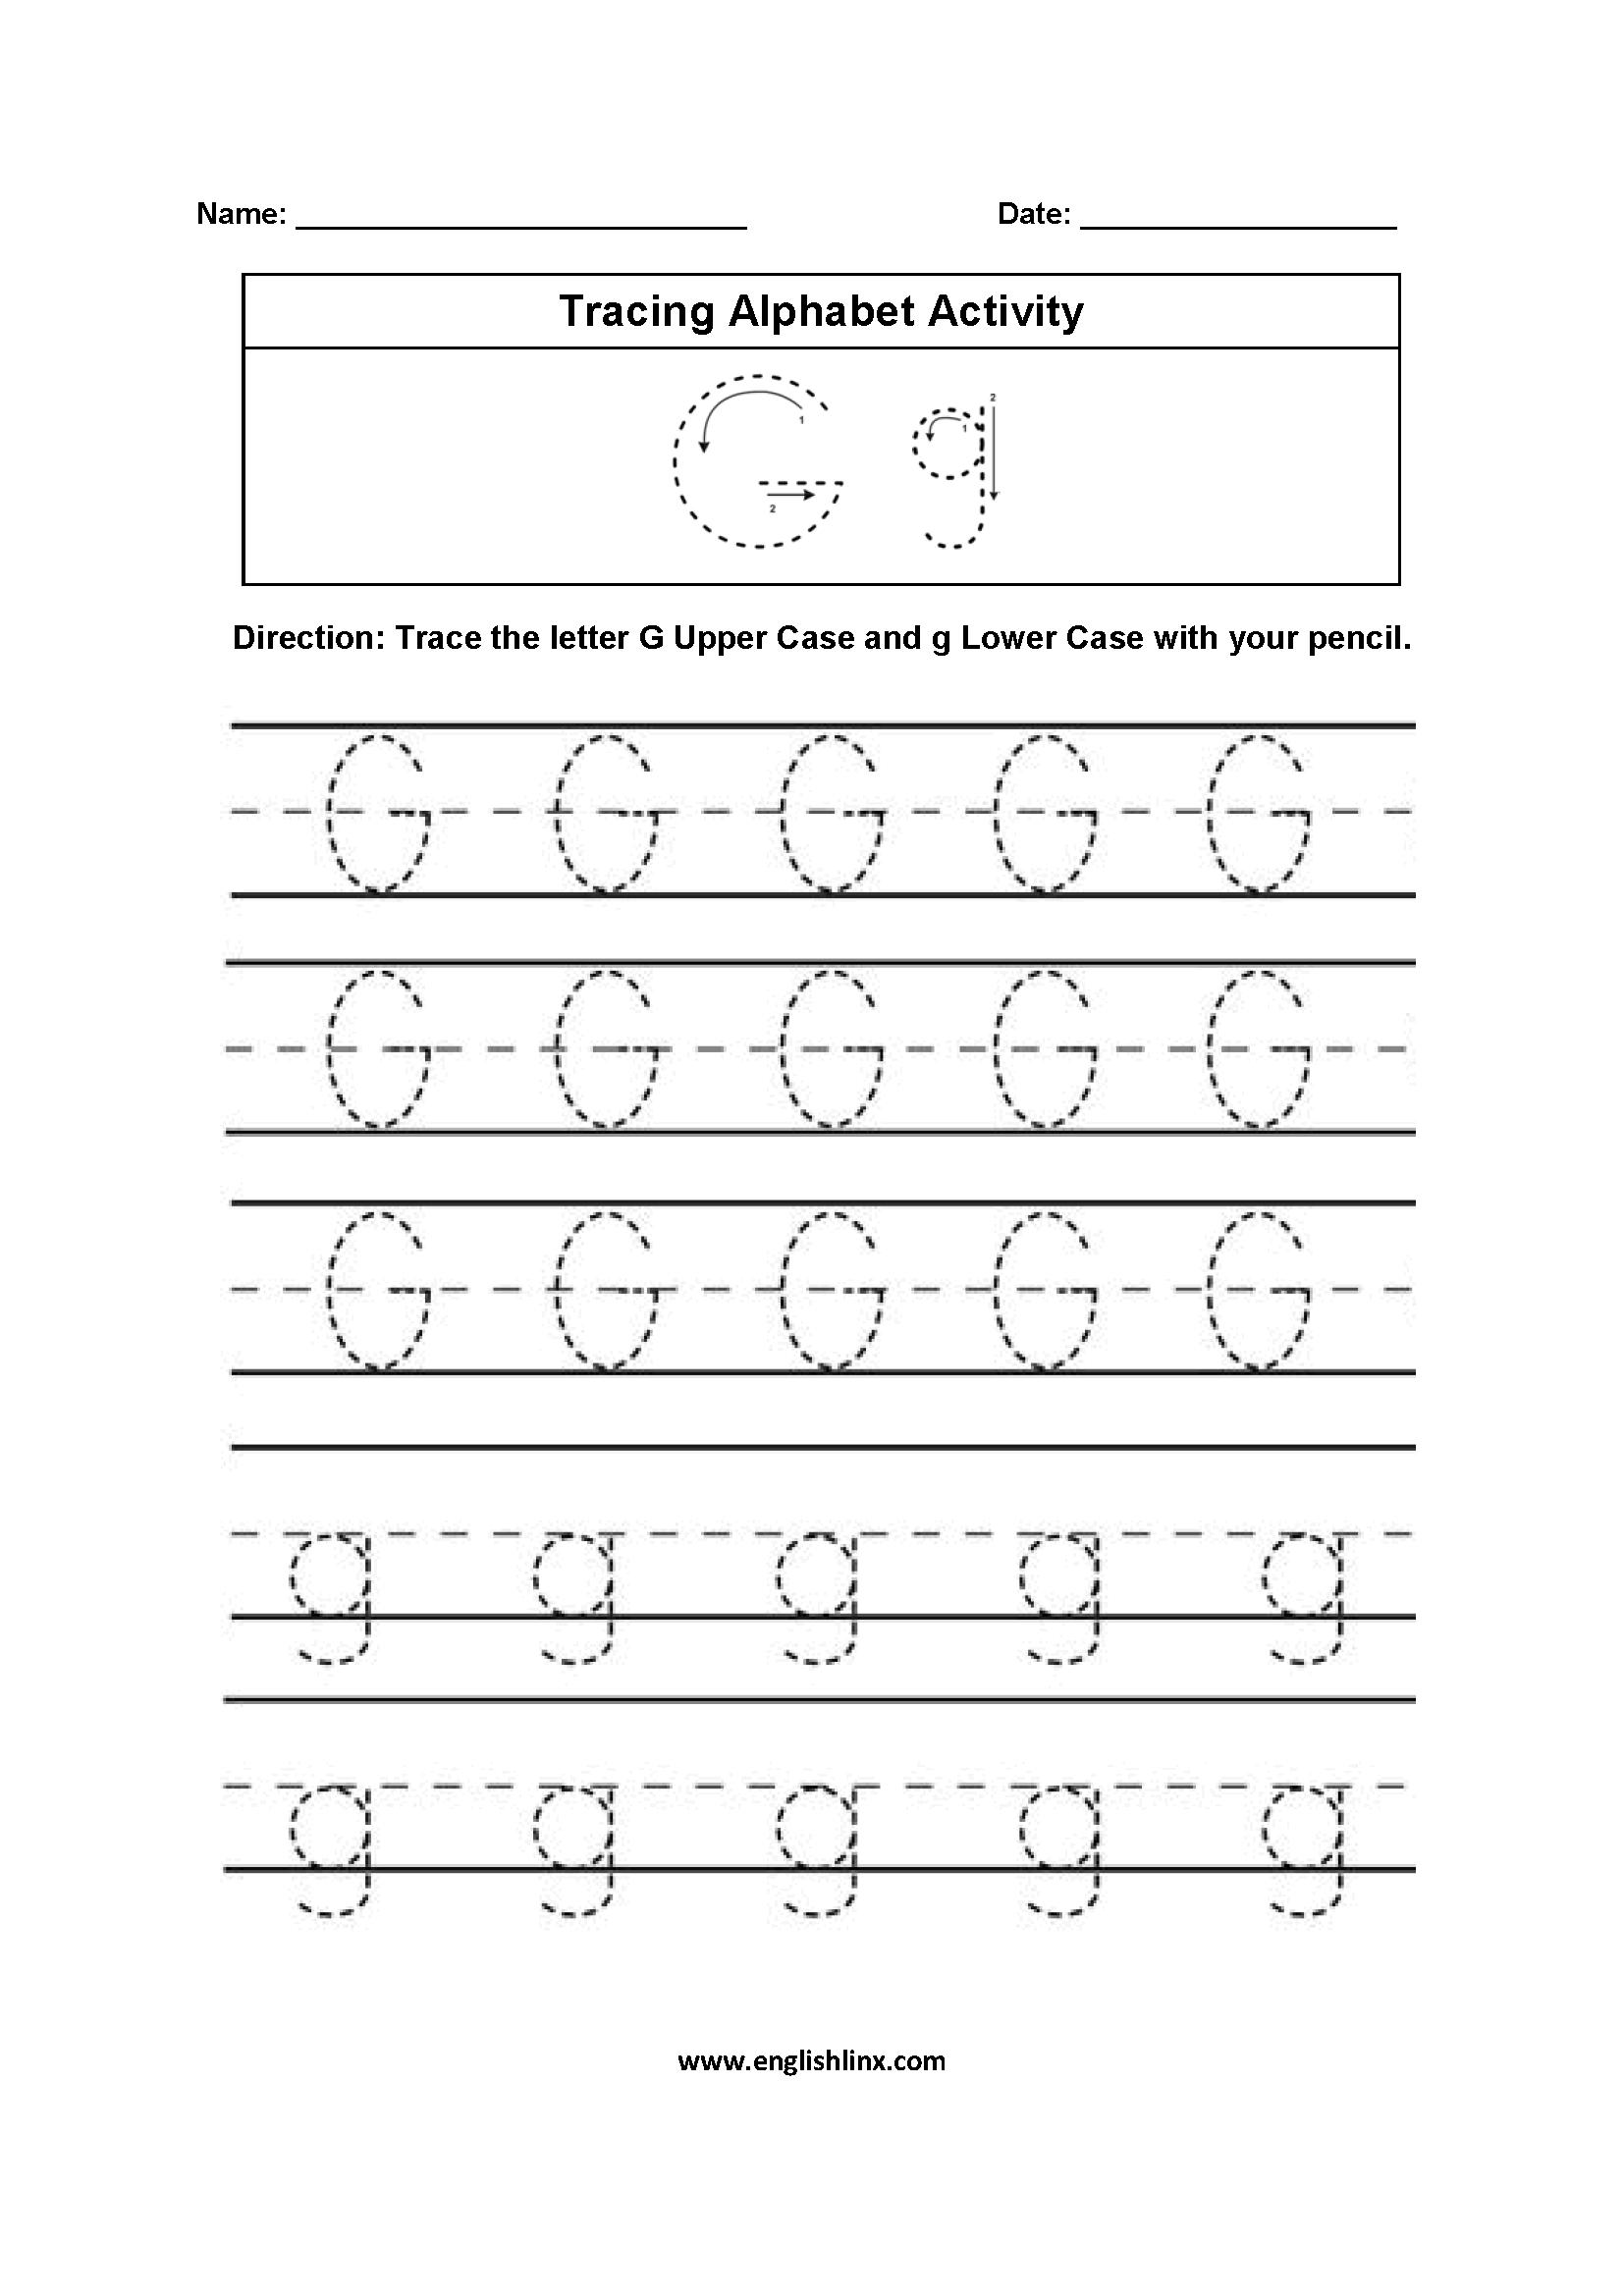 Alphabet Worksheets | Tracing Alphabet Worksheets inside Letter I Tracing Sheet